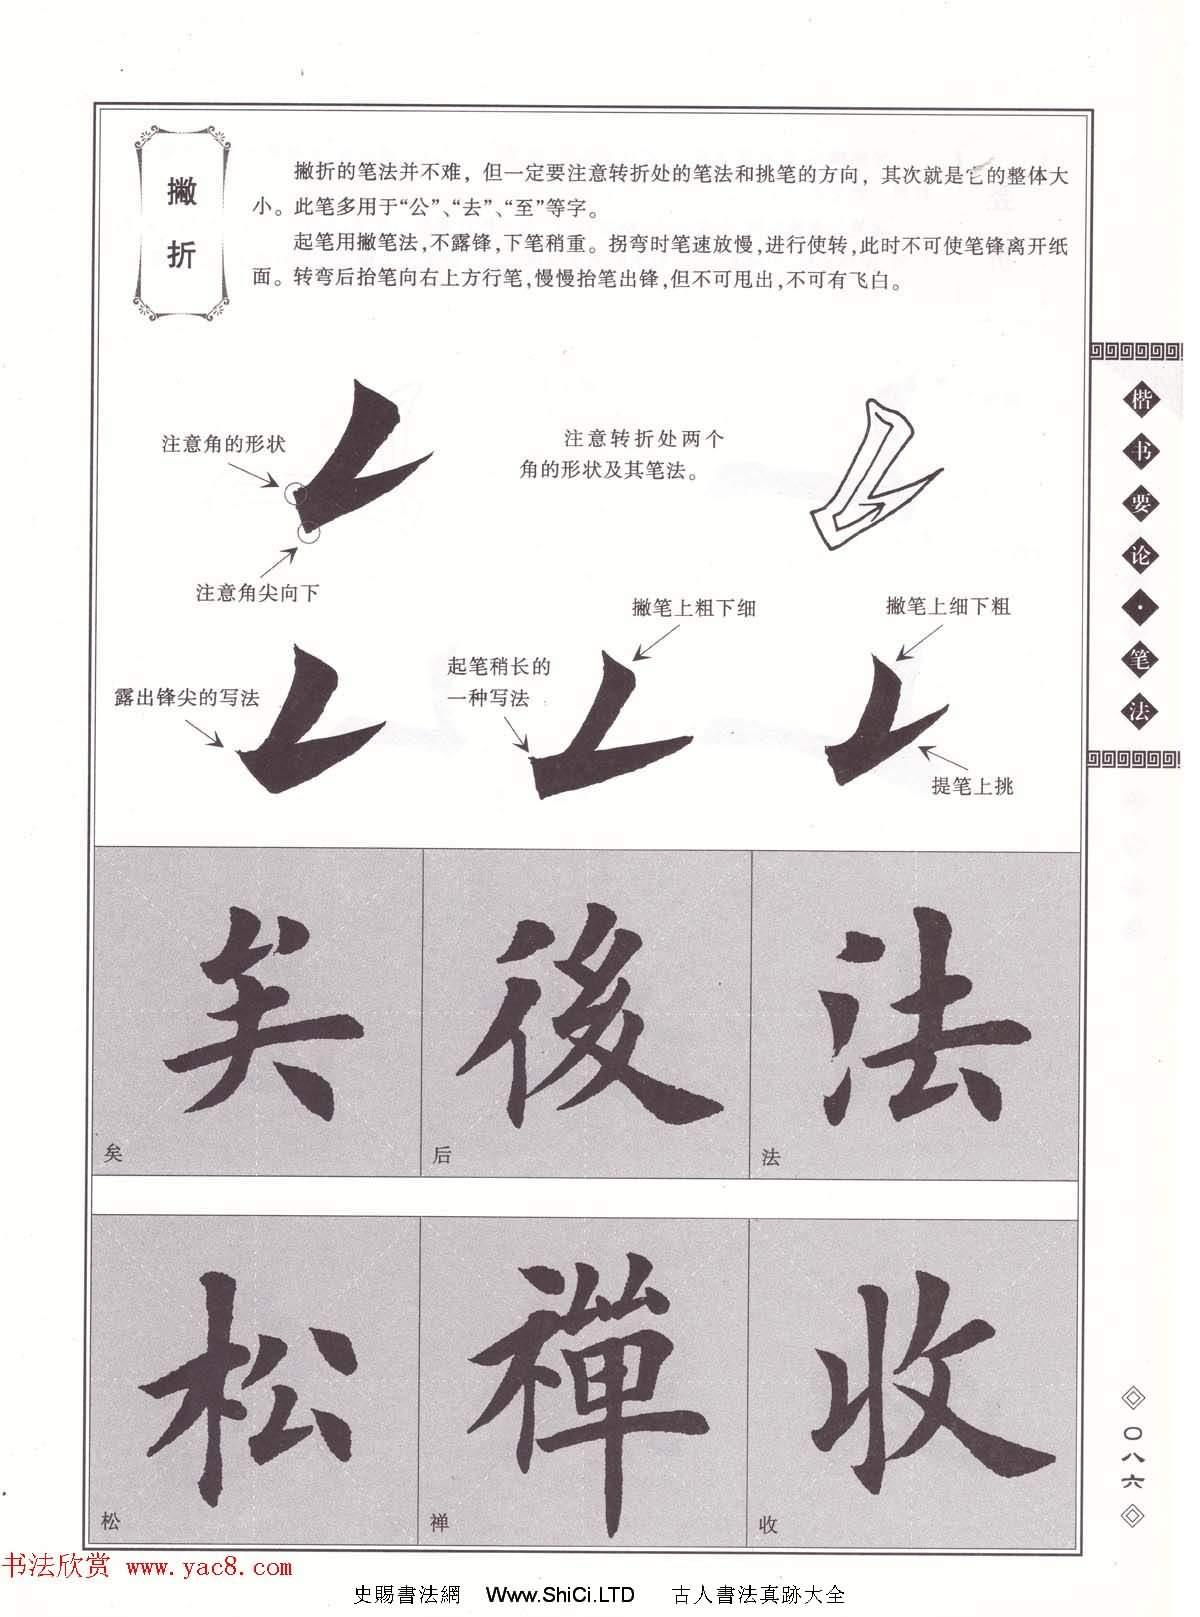 田英章書法專業教程《楷書要論-筆法》修訂版